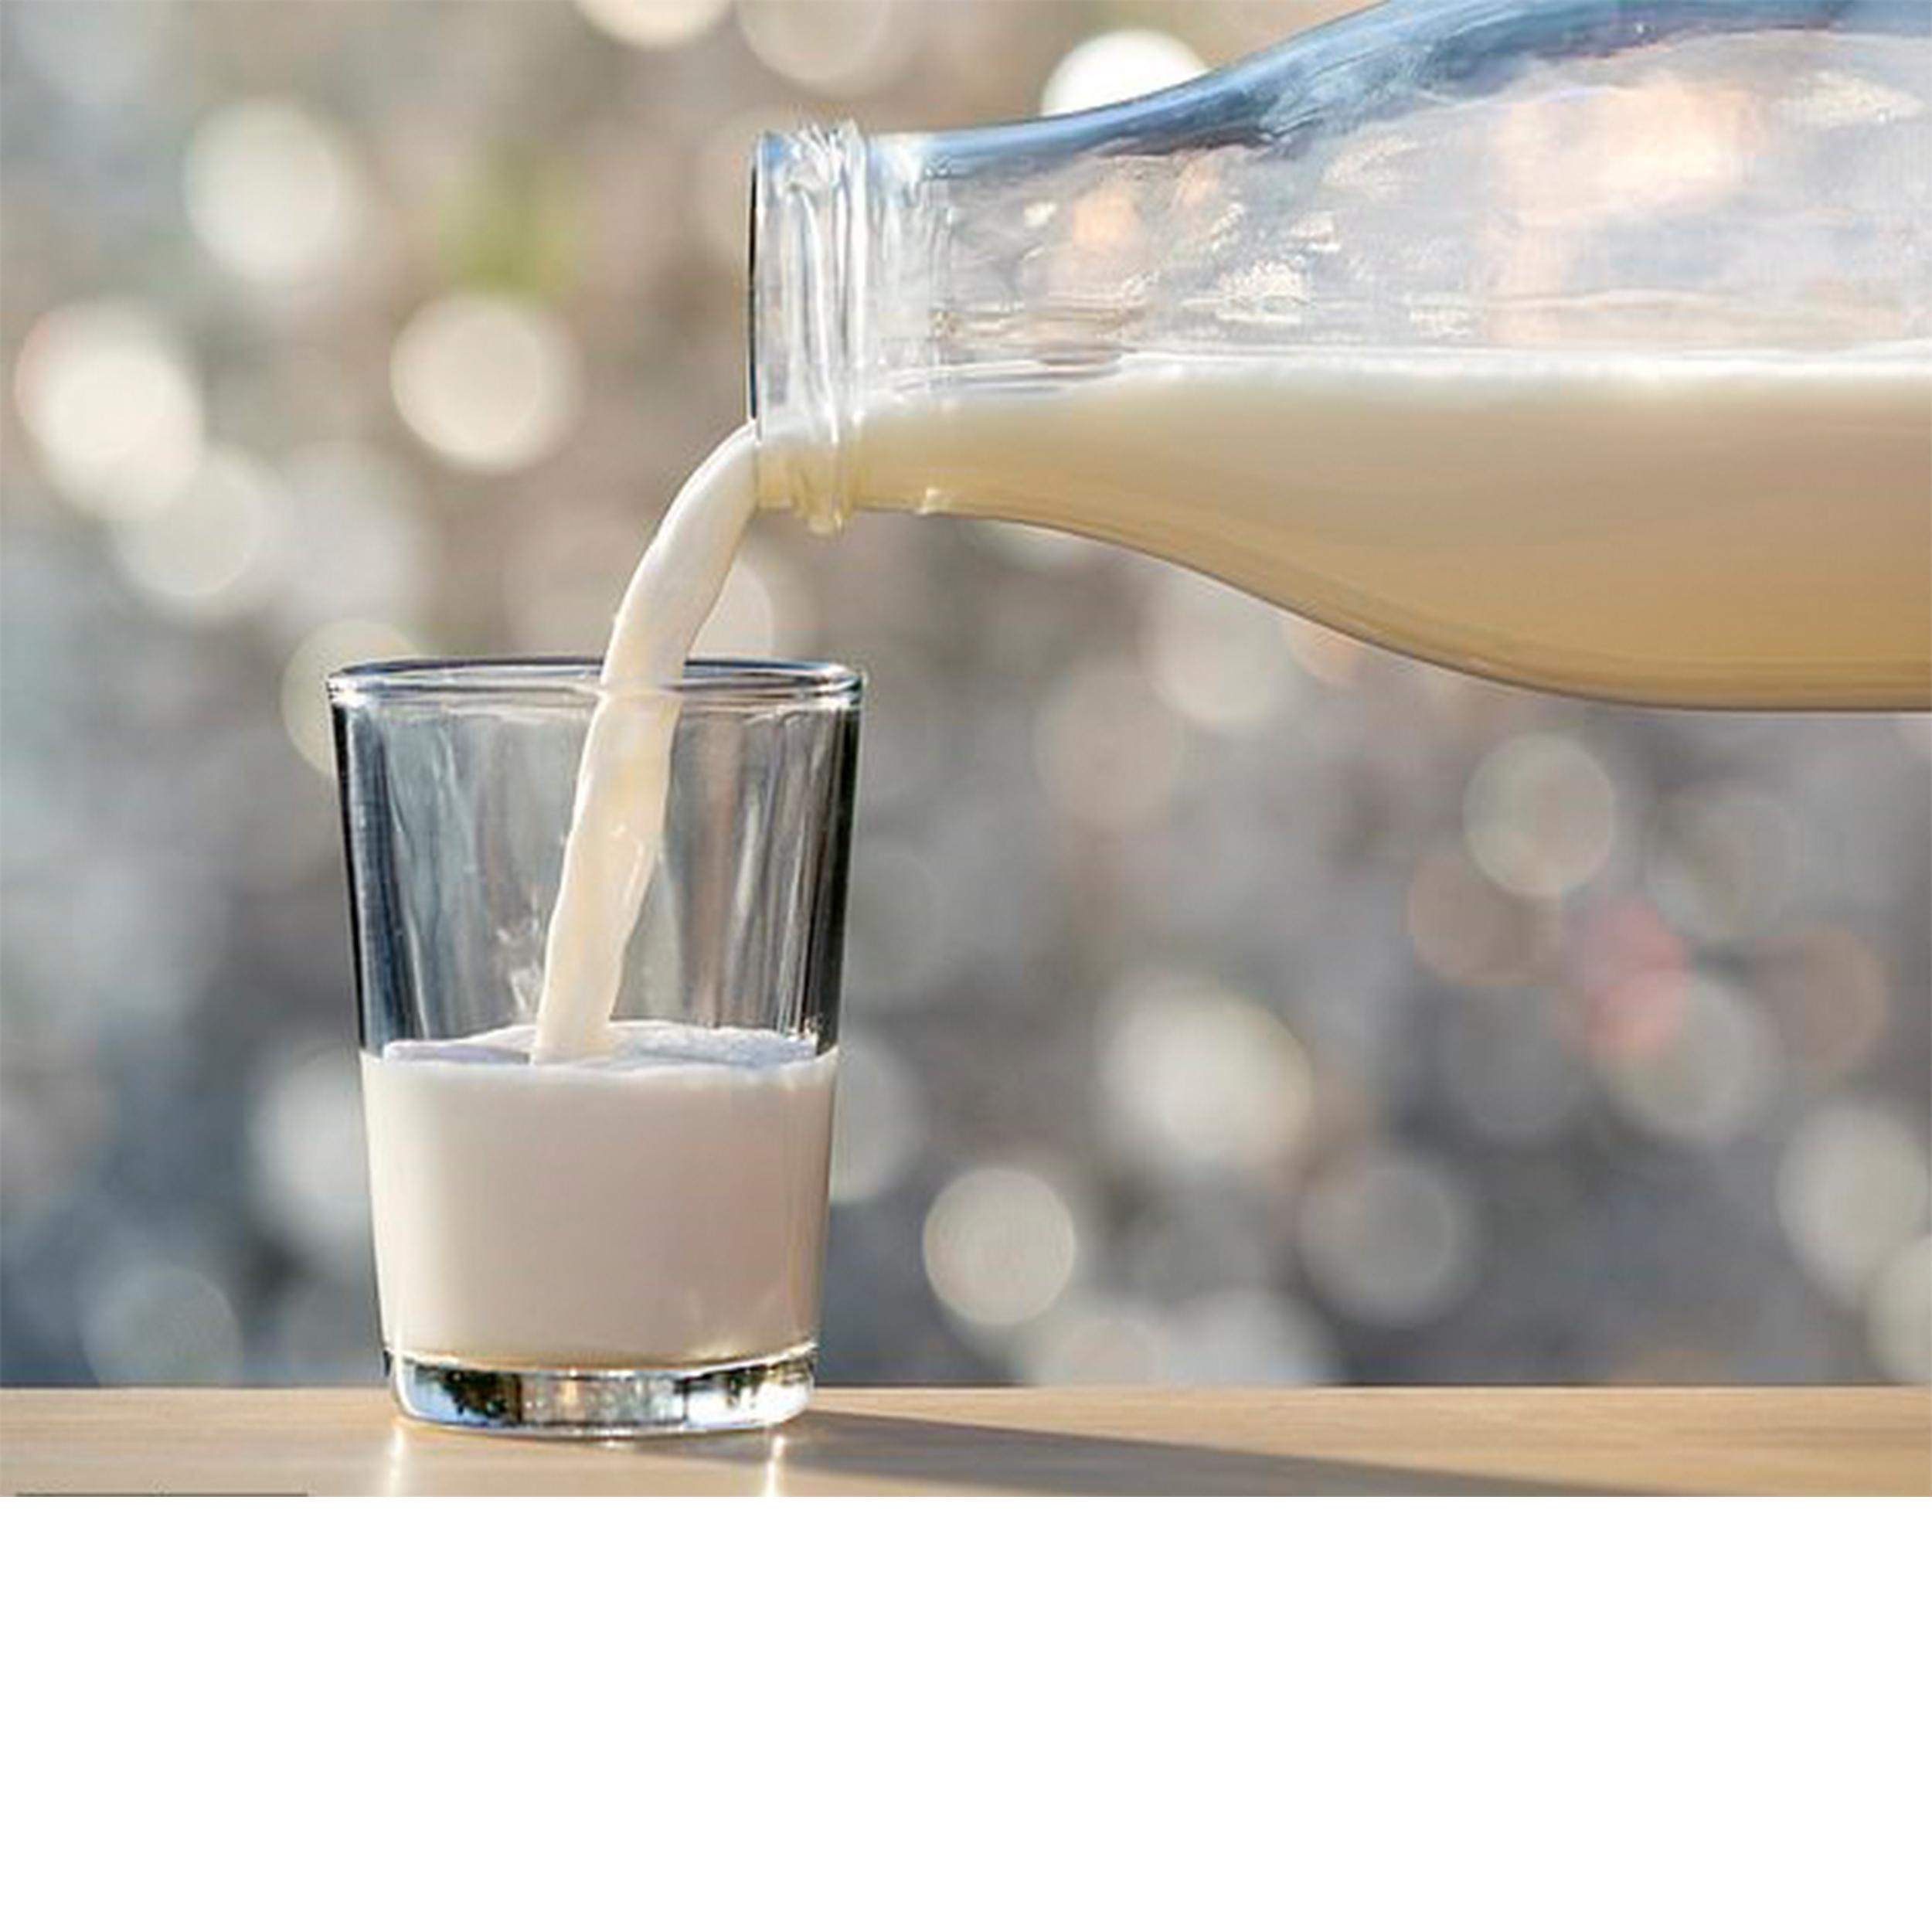 شیر پر چرب دومینو - 0.2 لیتر  بسته 6 عددی